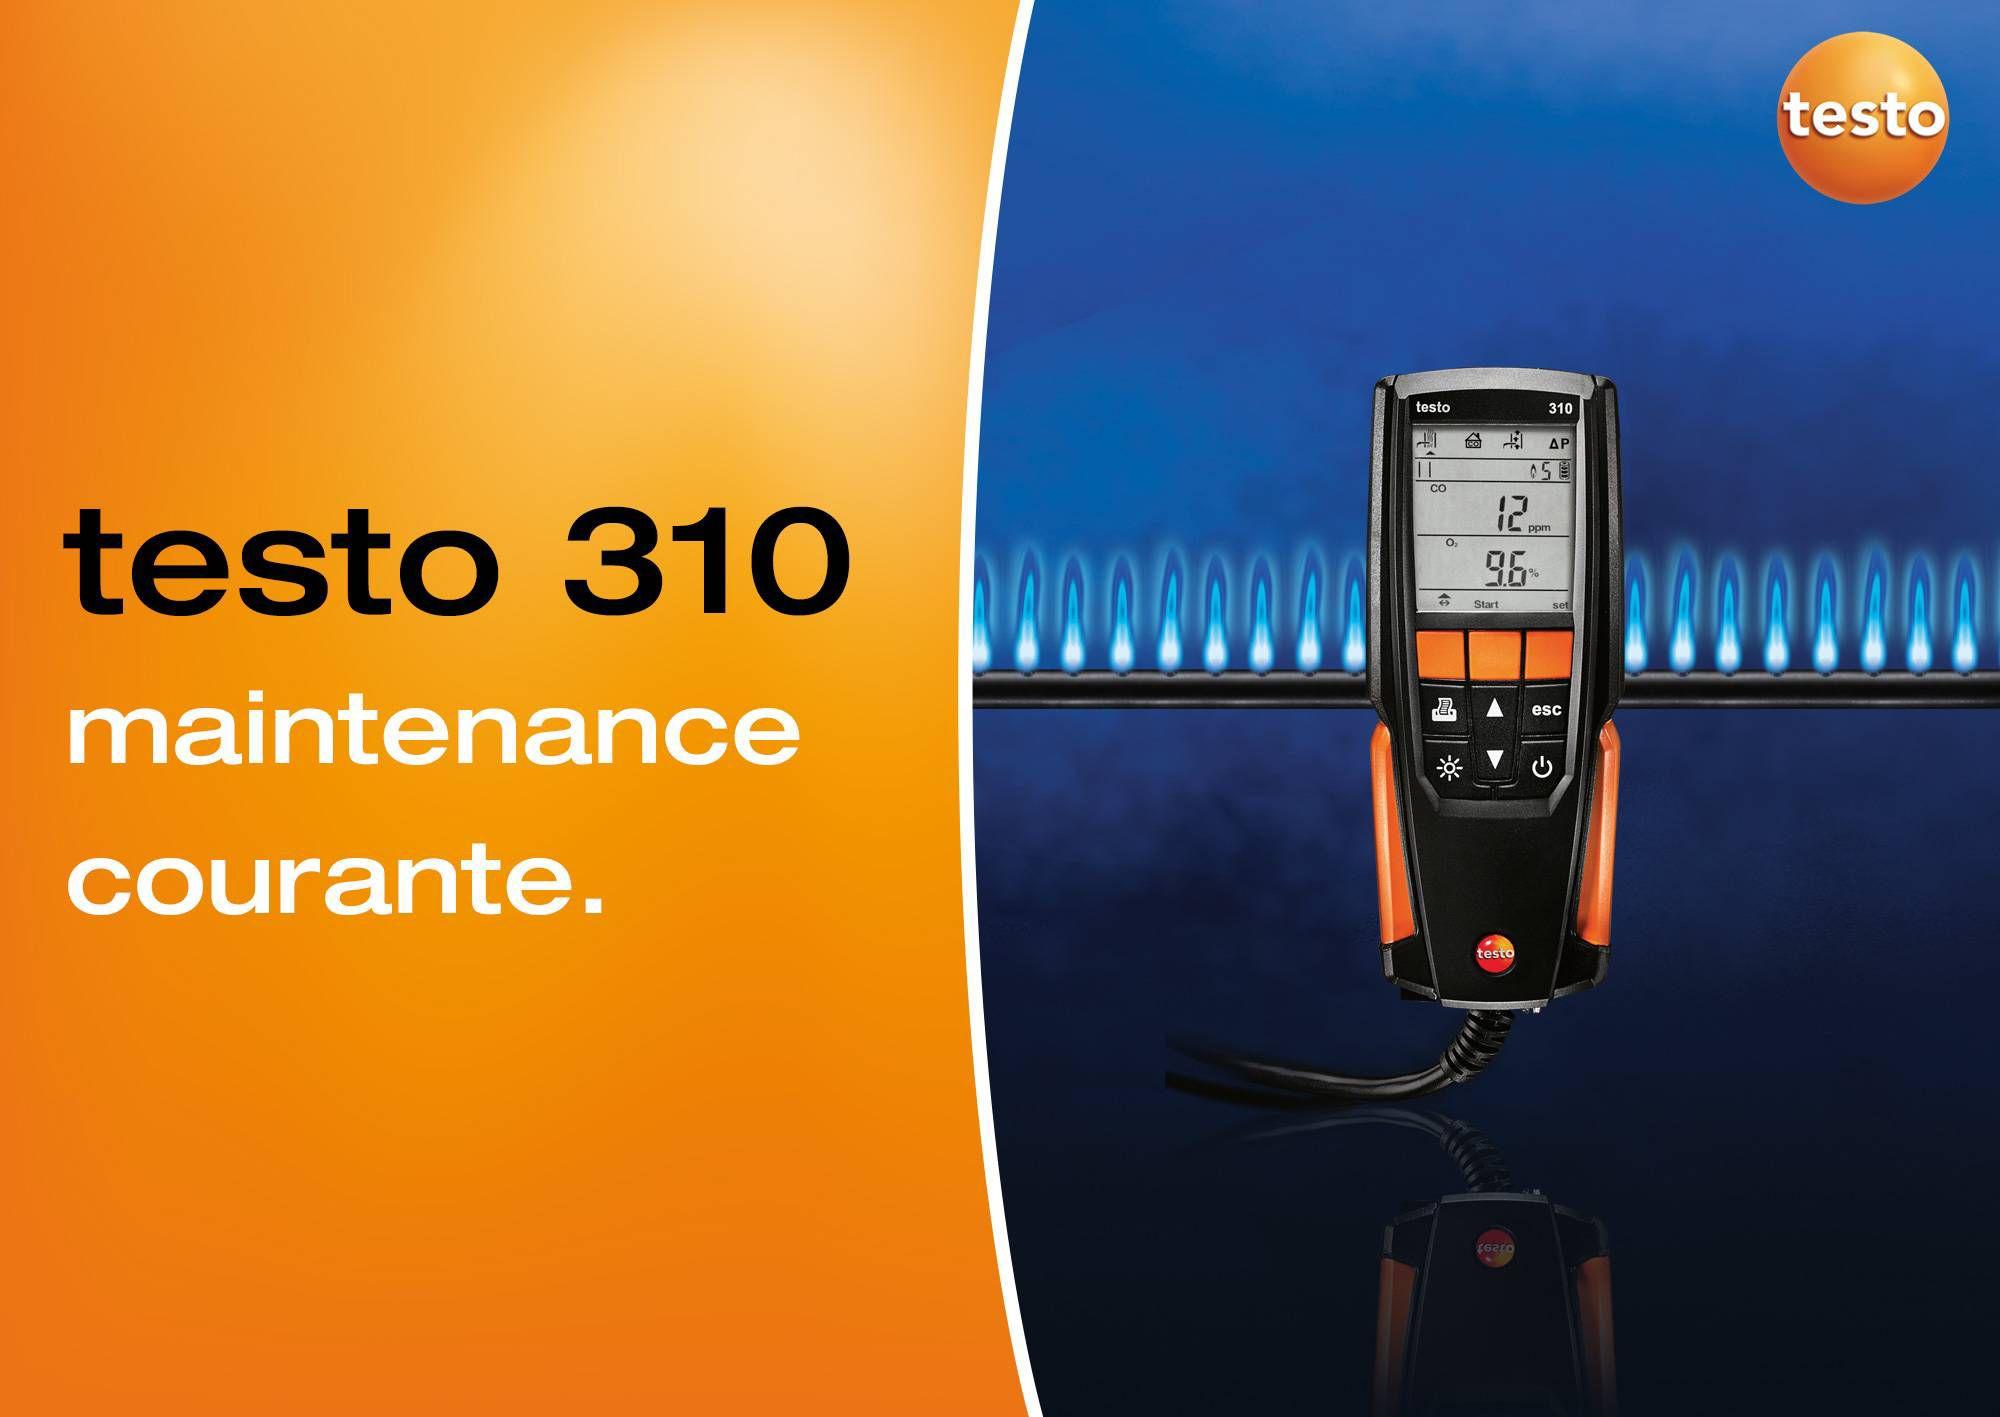 tutoriel vidéo maintenance courante testo 310